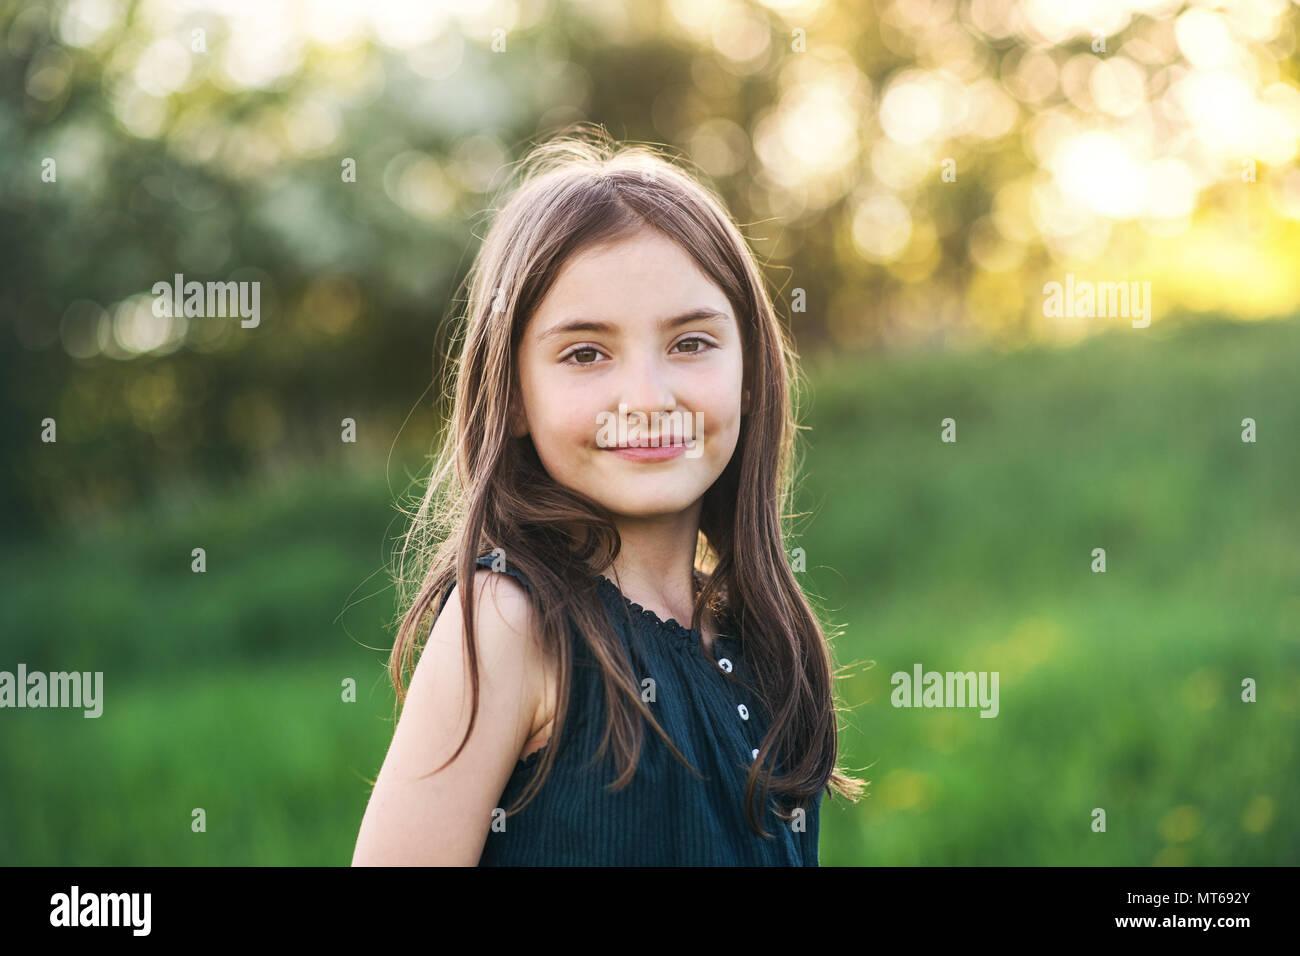 Una niña pequeña de pie fuera en la naturaleza. Imagen De Stock